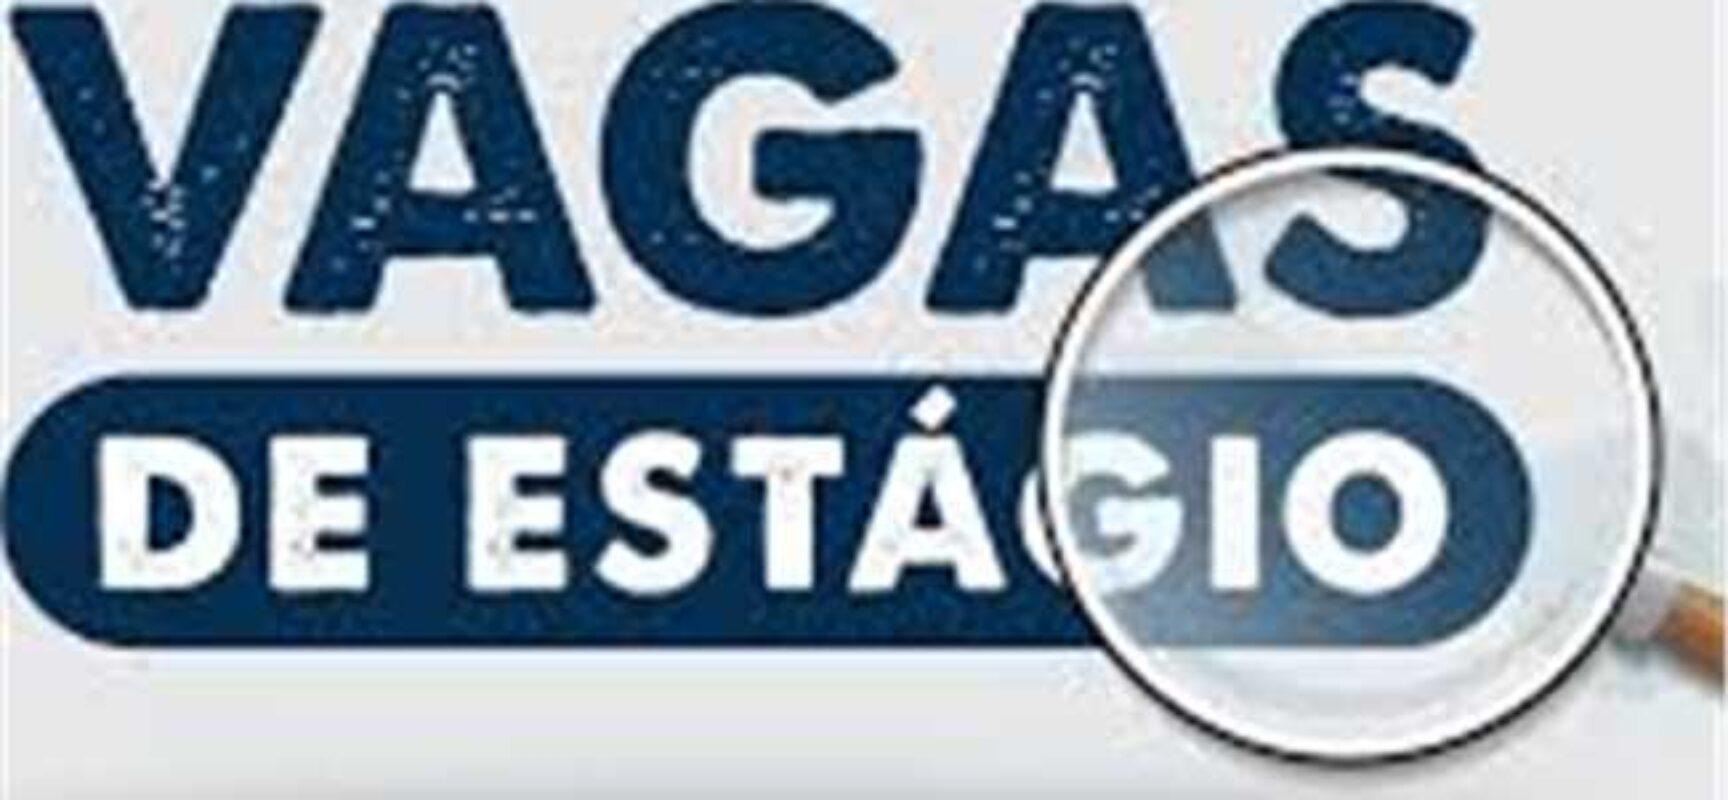 Abertas as inscrições gratuitas para o processo seletivo de estágio da Prefeitura de Ilhéus